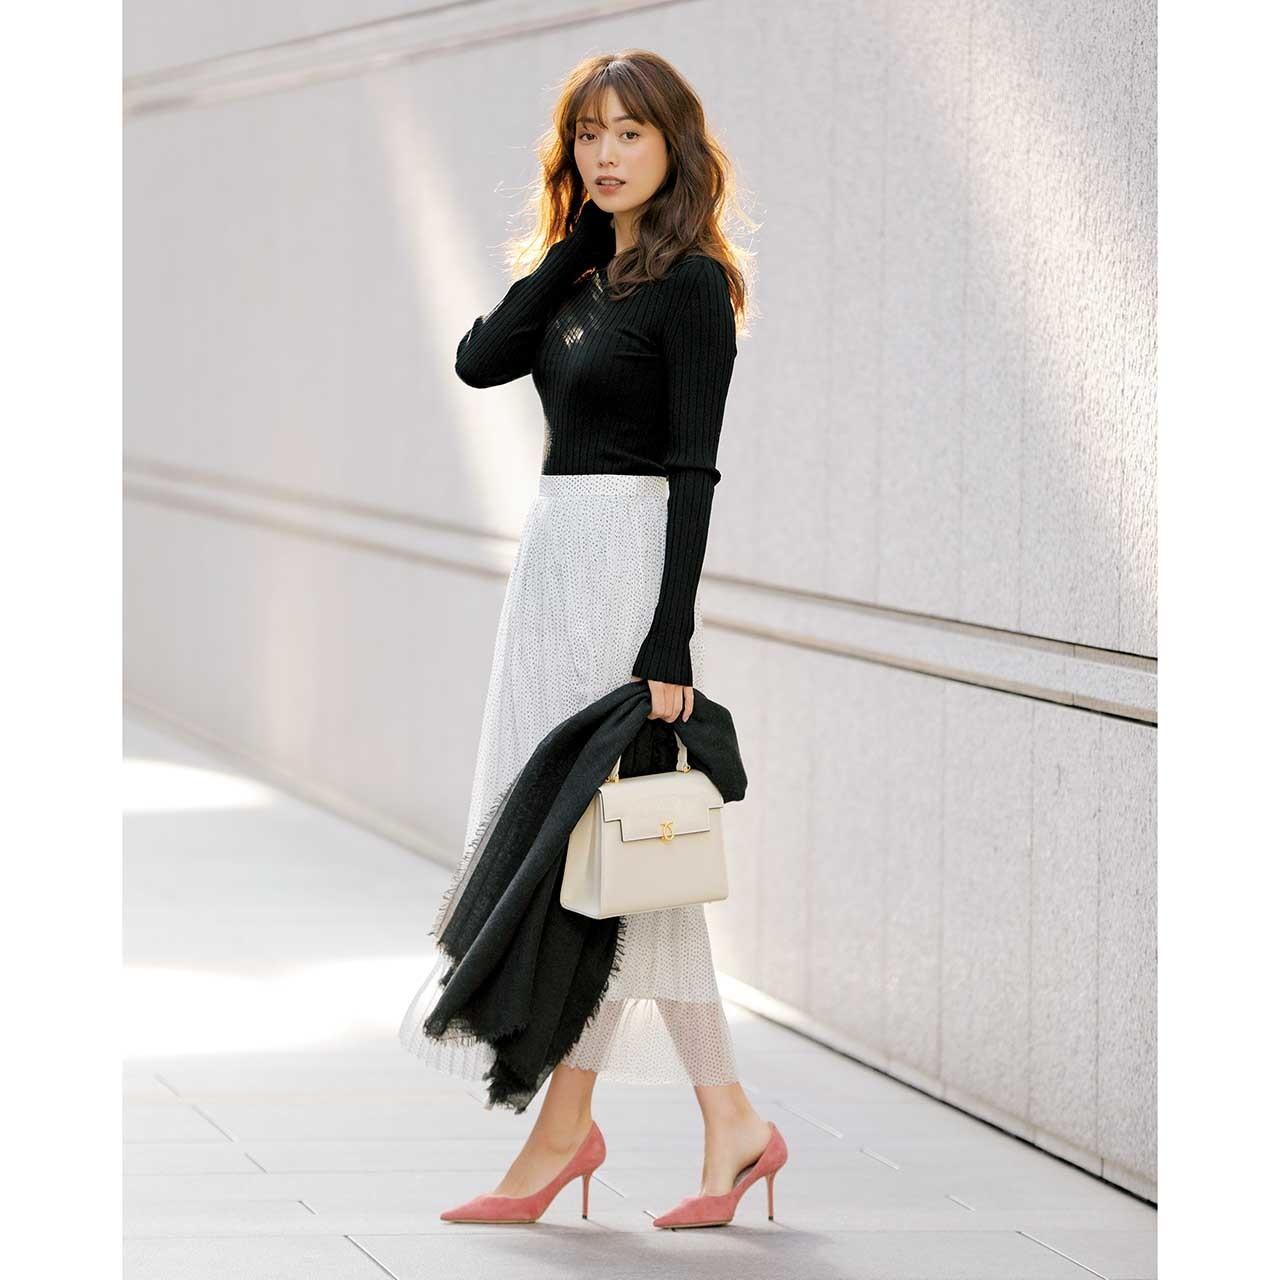 黒のリブニット×白の透けスカートのモノトーンコーデ